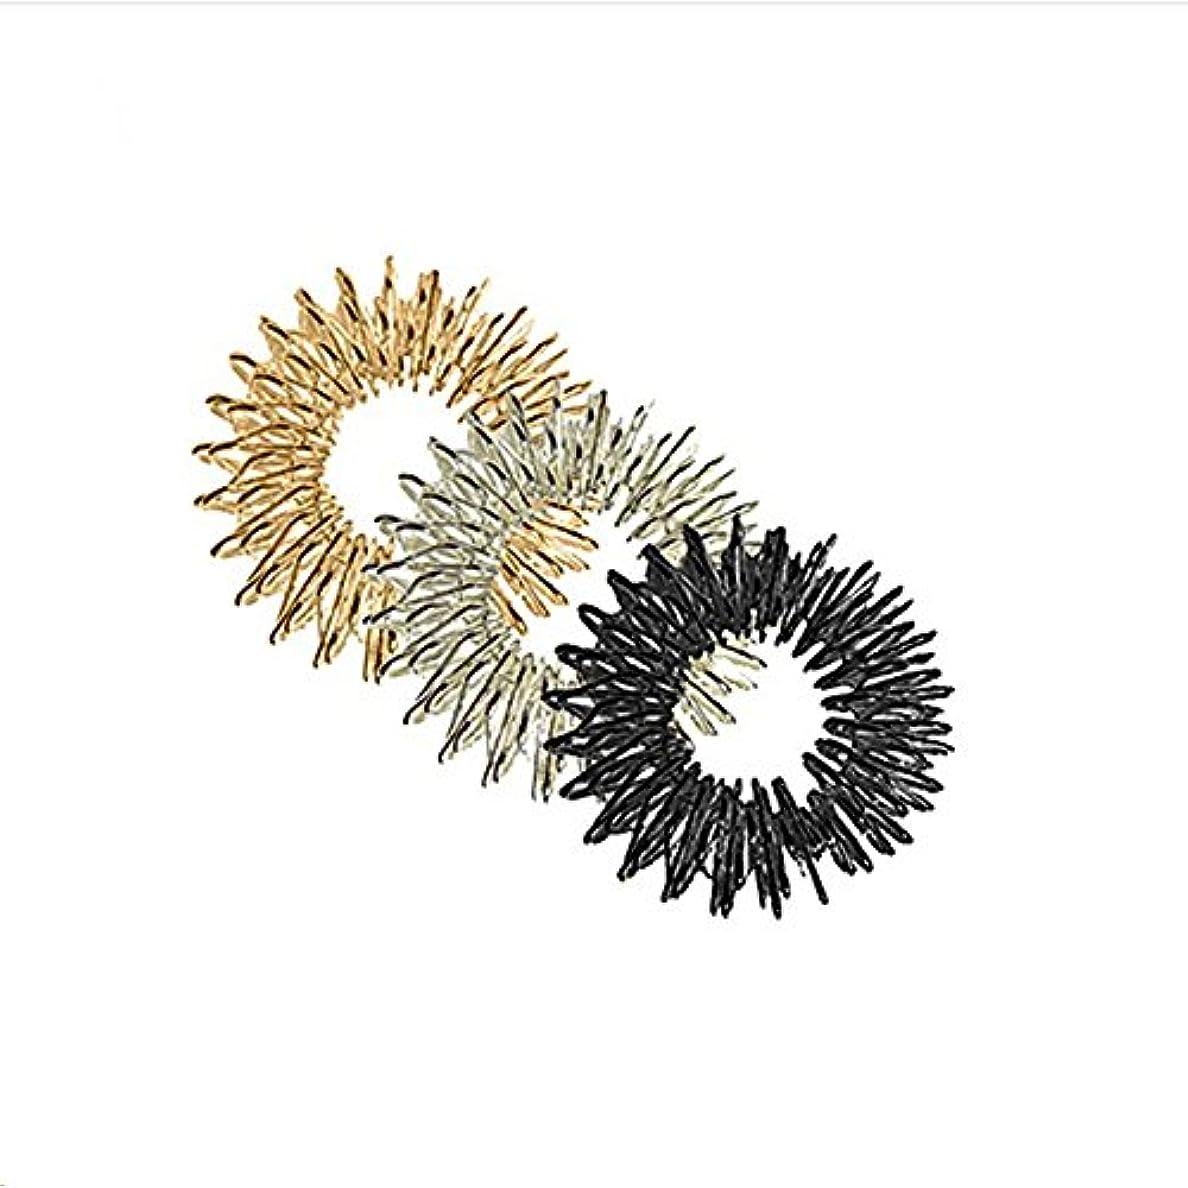 評決フィット恋人ROSENICE 指圧リングマッサージリング3本指圧マッサージリング(ゴールド+シルバー+ブラック)